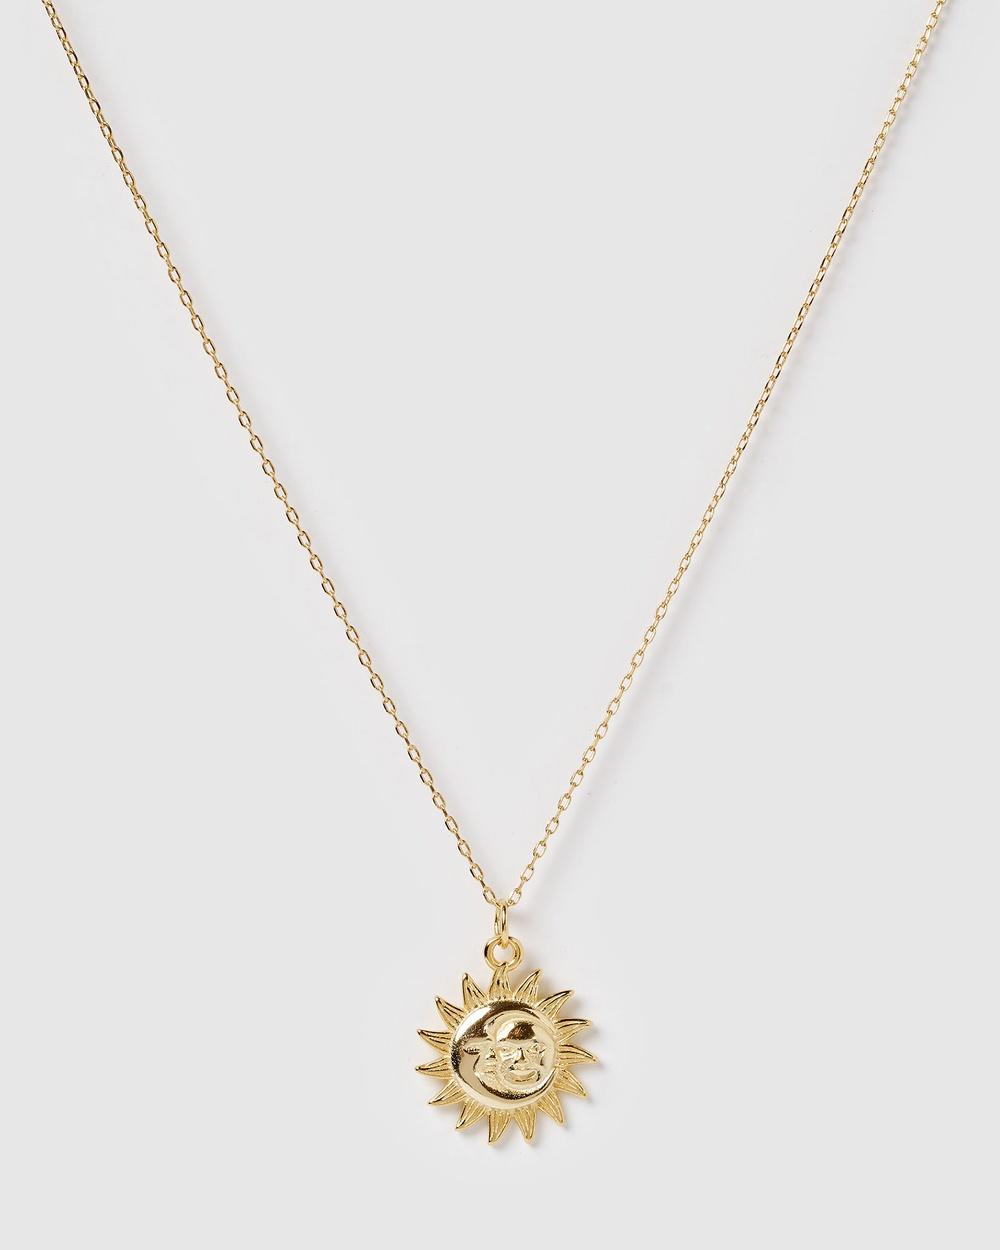 Izoa Sunshine Necklace Jewellery Gold